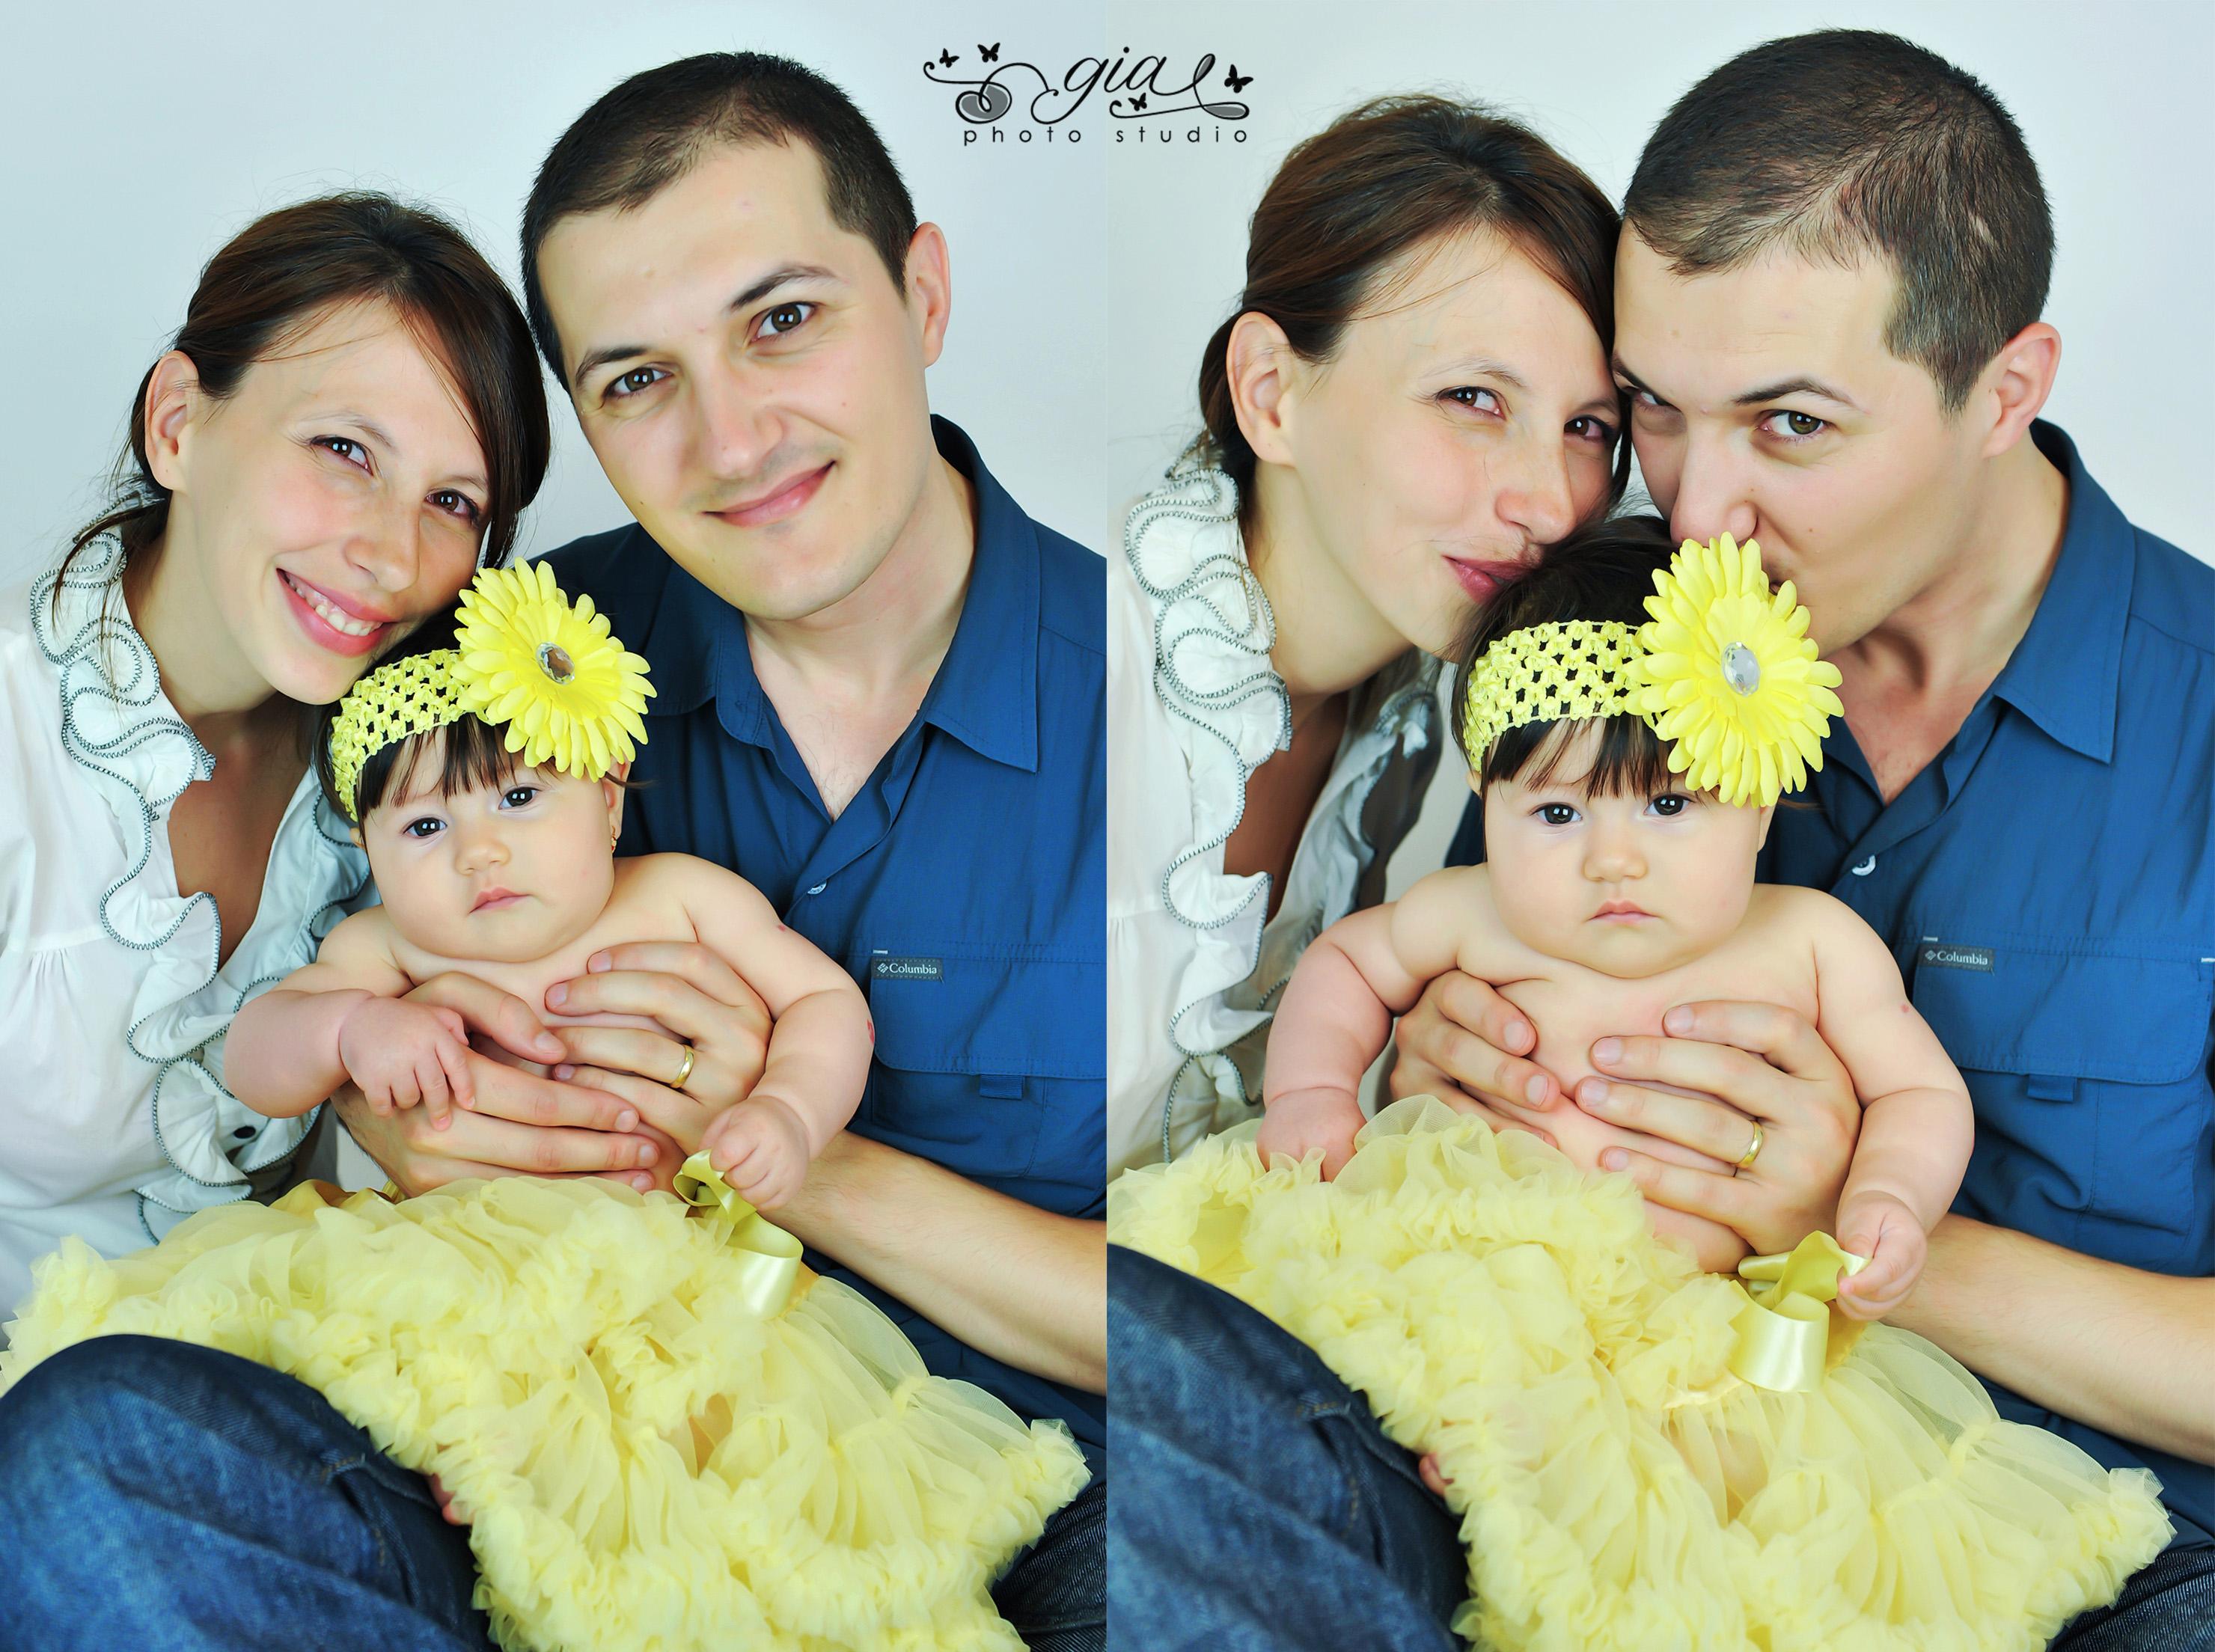 Poze cu copii in familie 18